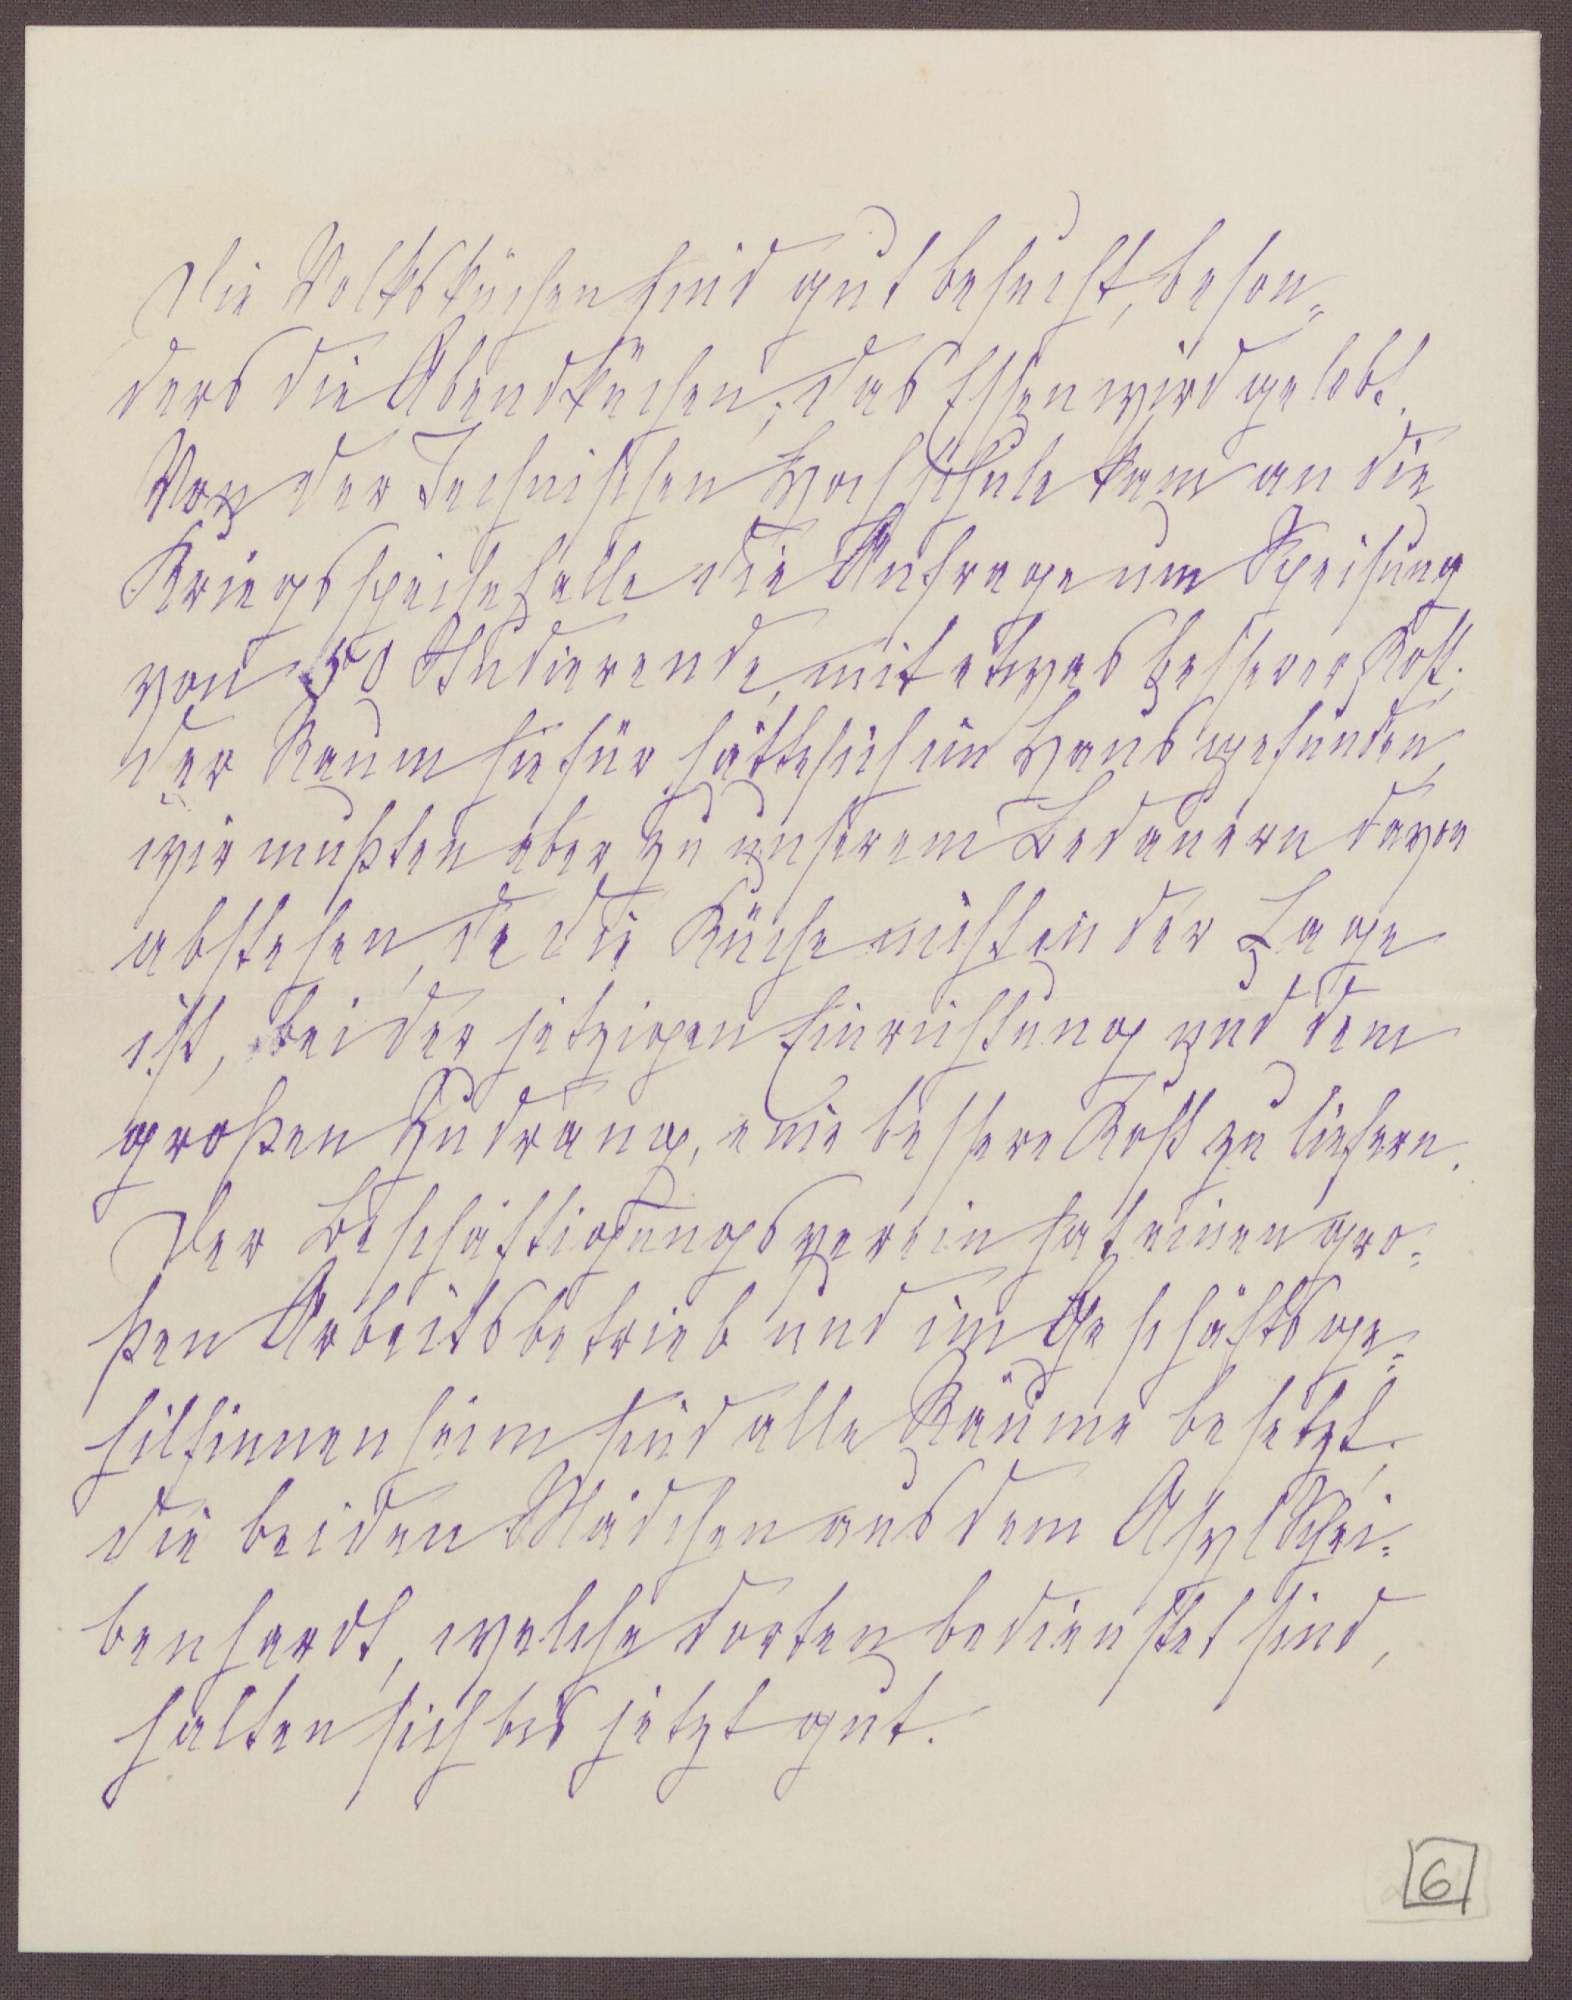 Schreiben von Anna Haas an die Großherzogin Luise; Belegung der Volksküchen, Stimmungslage in dem Heim, Inspektion durch den Soldatenrat, Bild 3